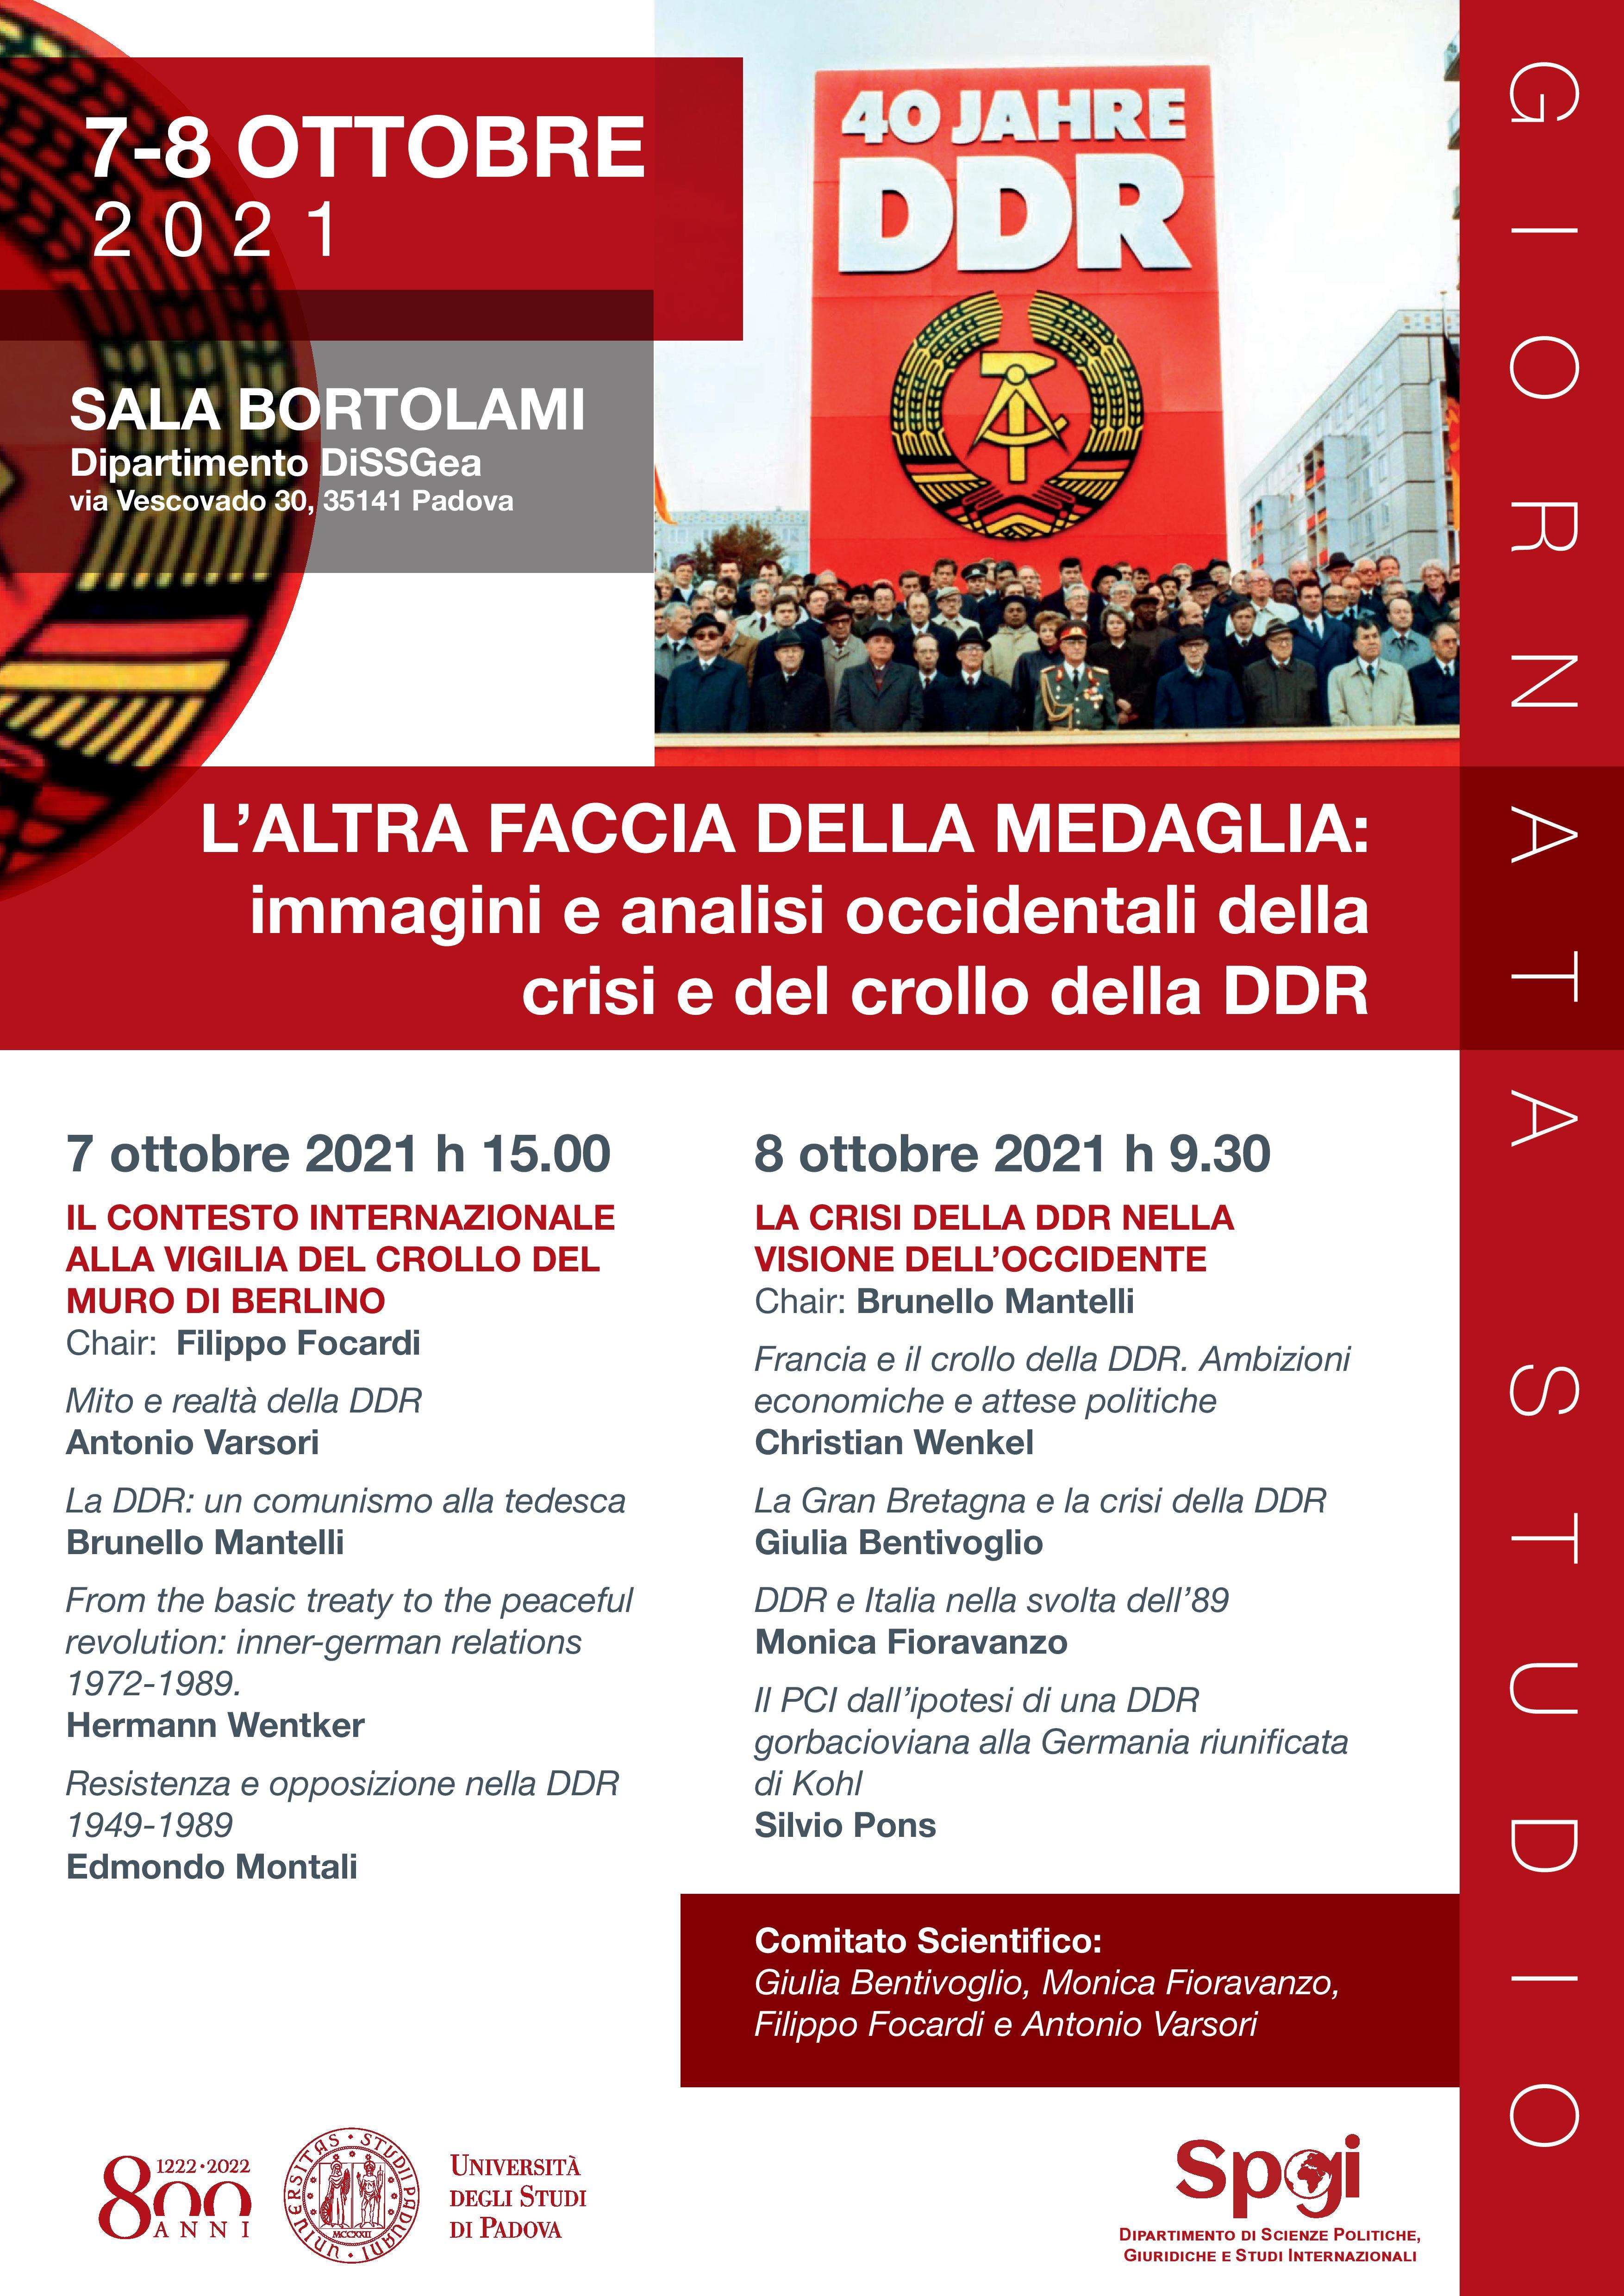 07-08102021-congresso-fioravanzo-DEF (2)-page-001